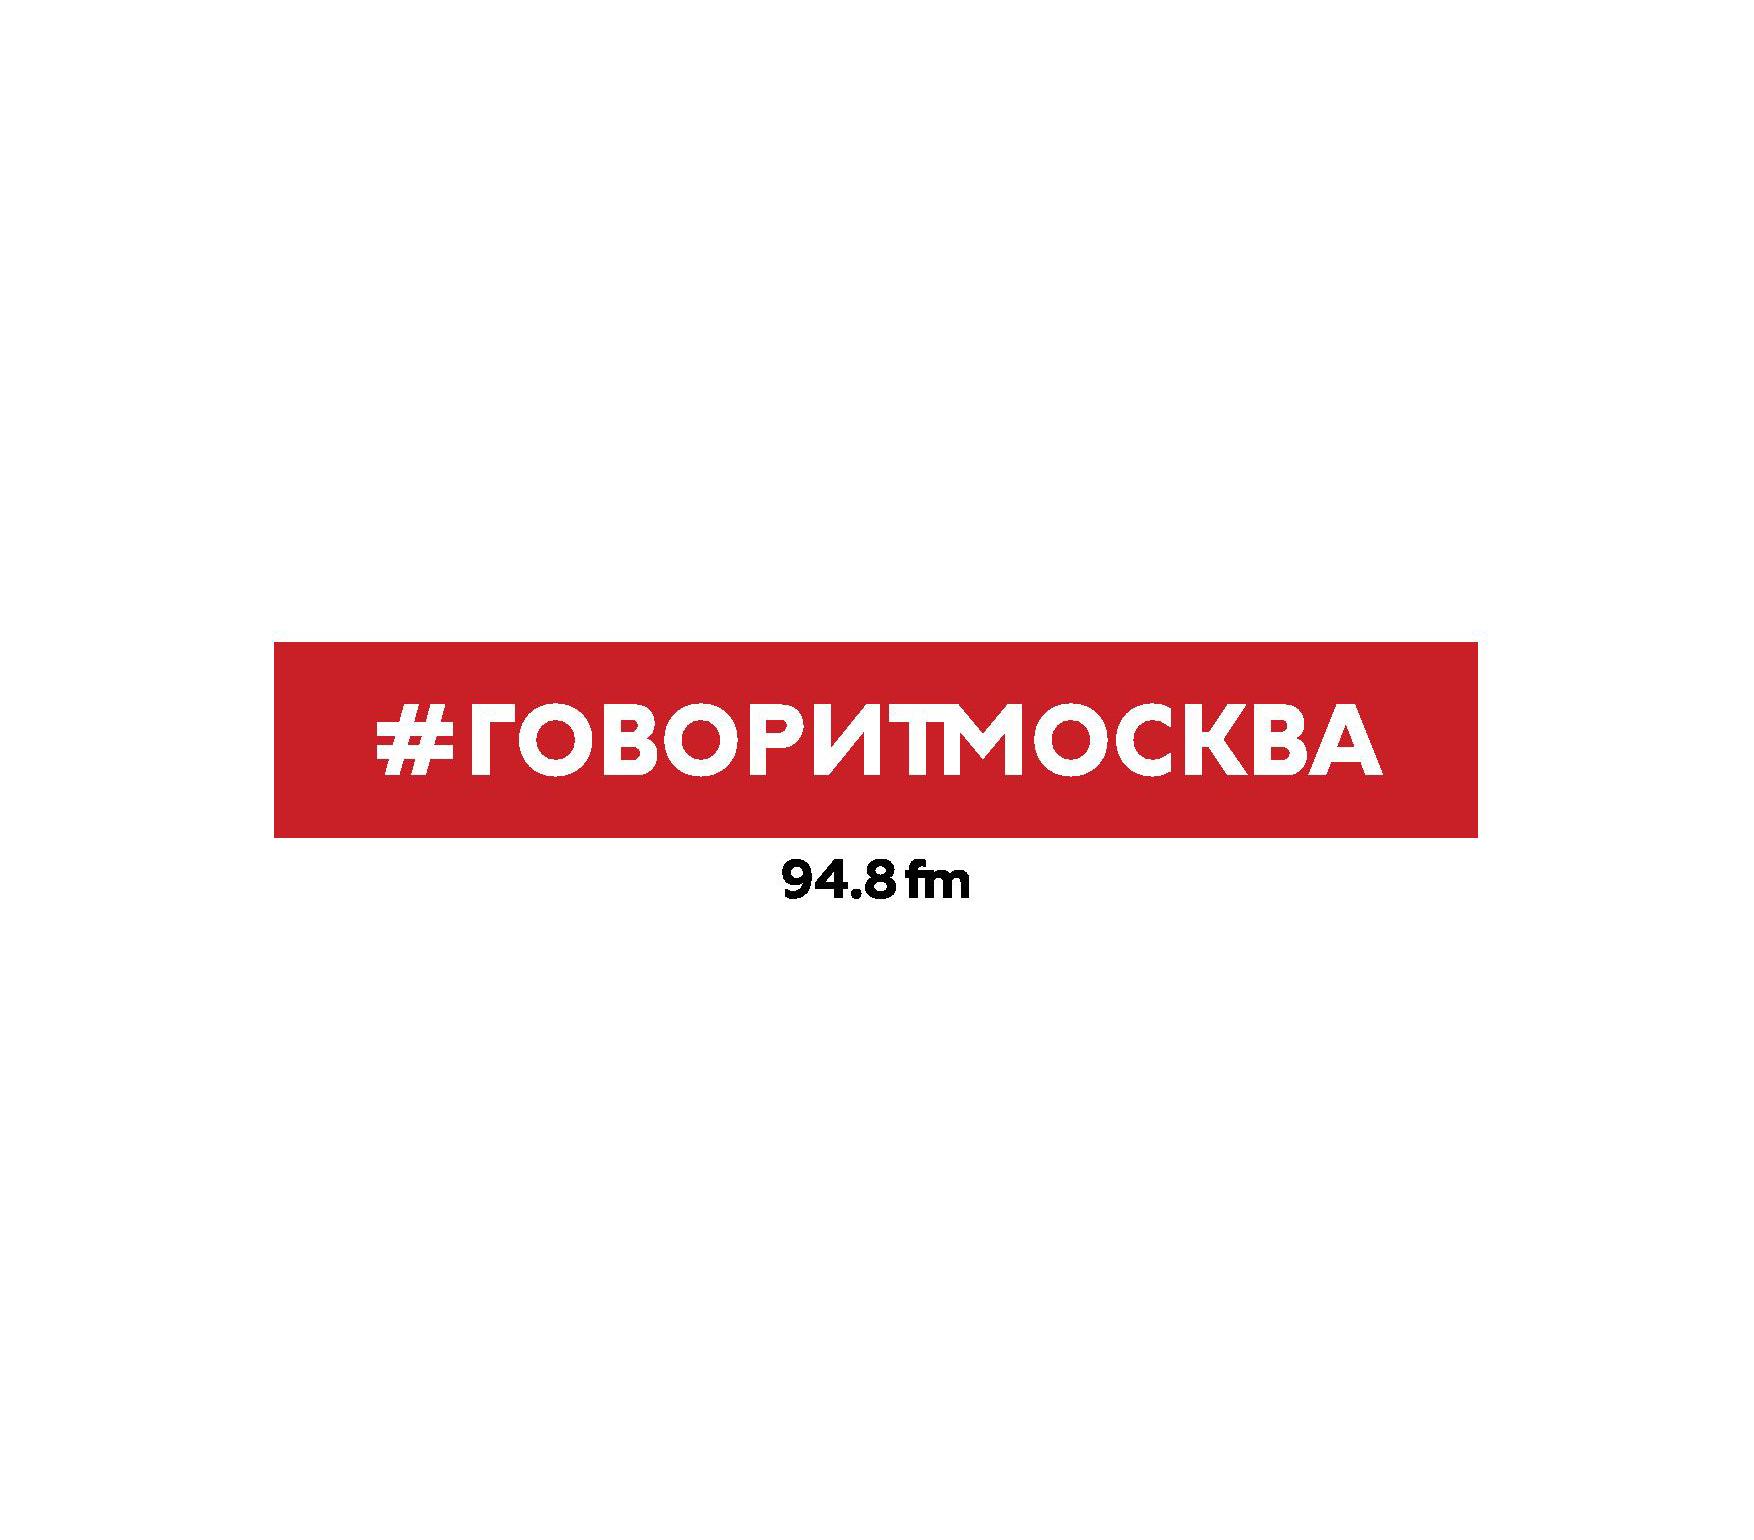 Макс Челноков 7 мая. Николай Усков цена и фото